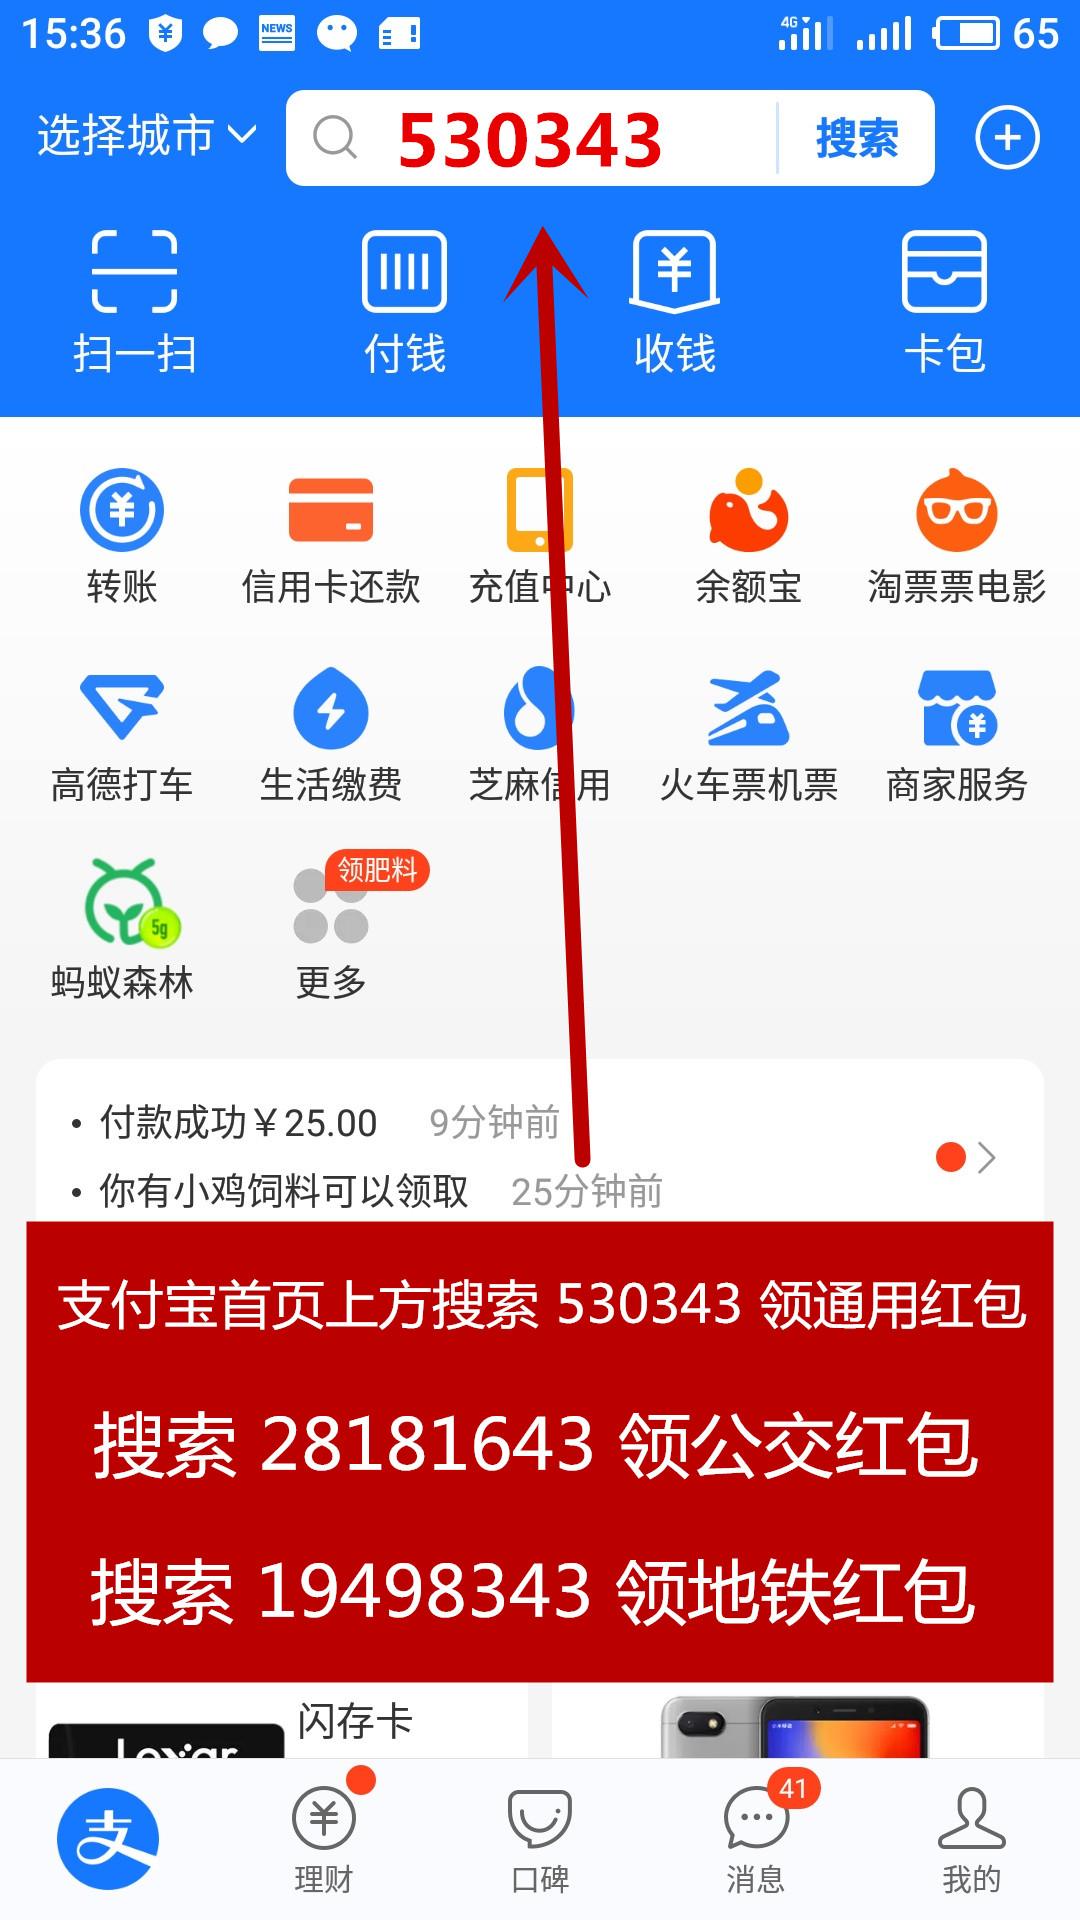 支付宝首页上方搜索530343免费领通用红包,www.yiyingbk.com